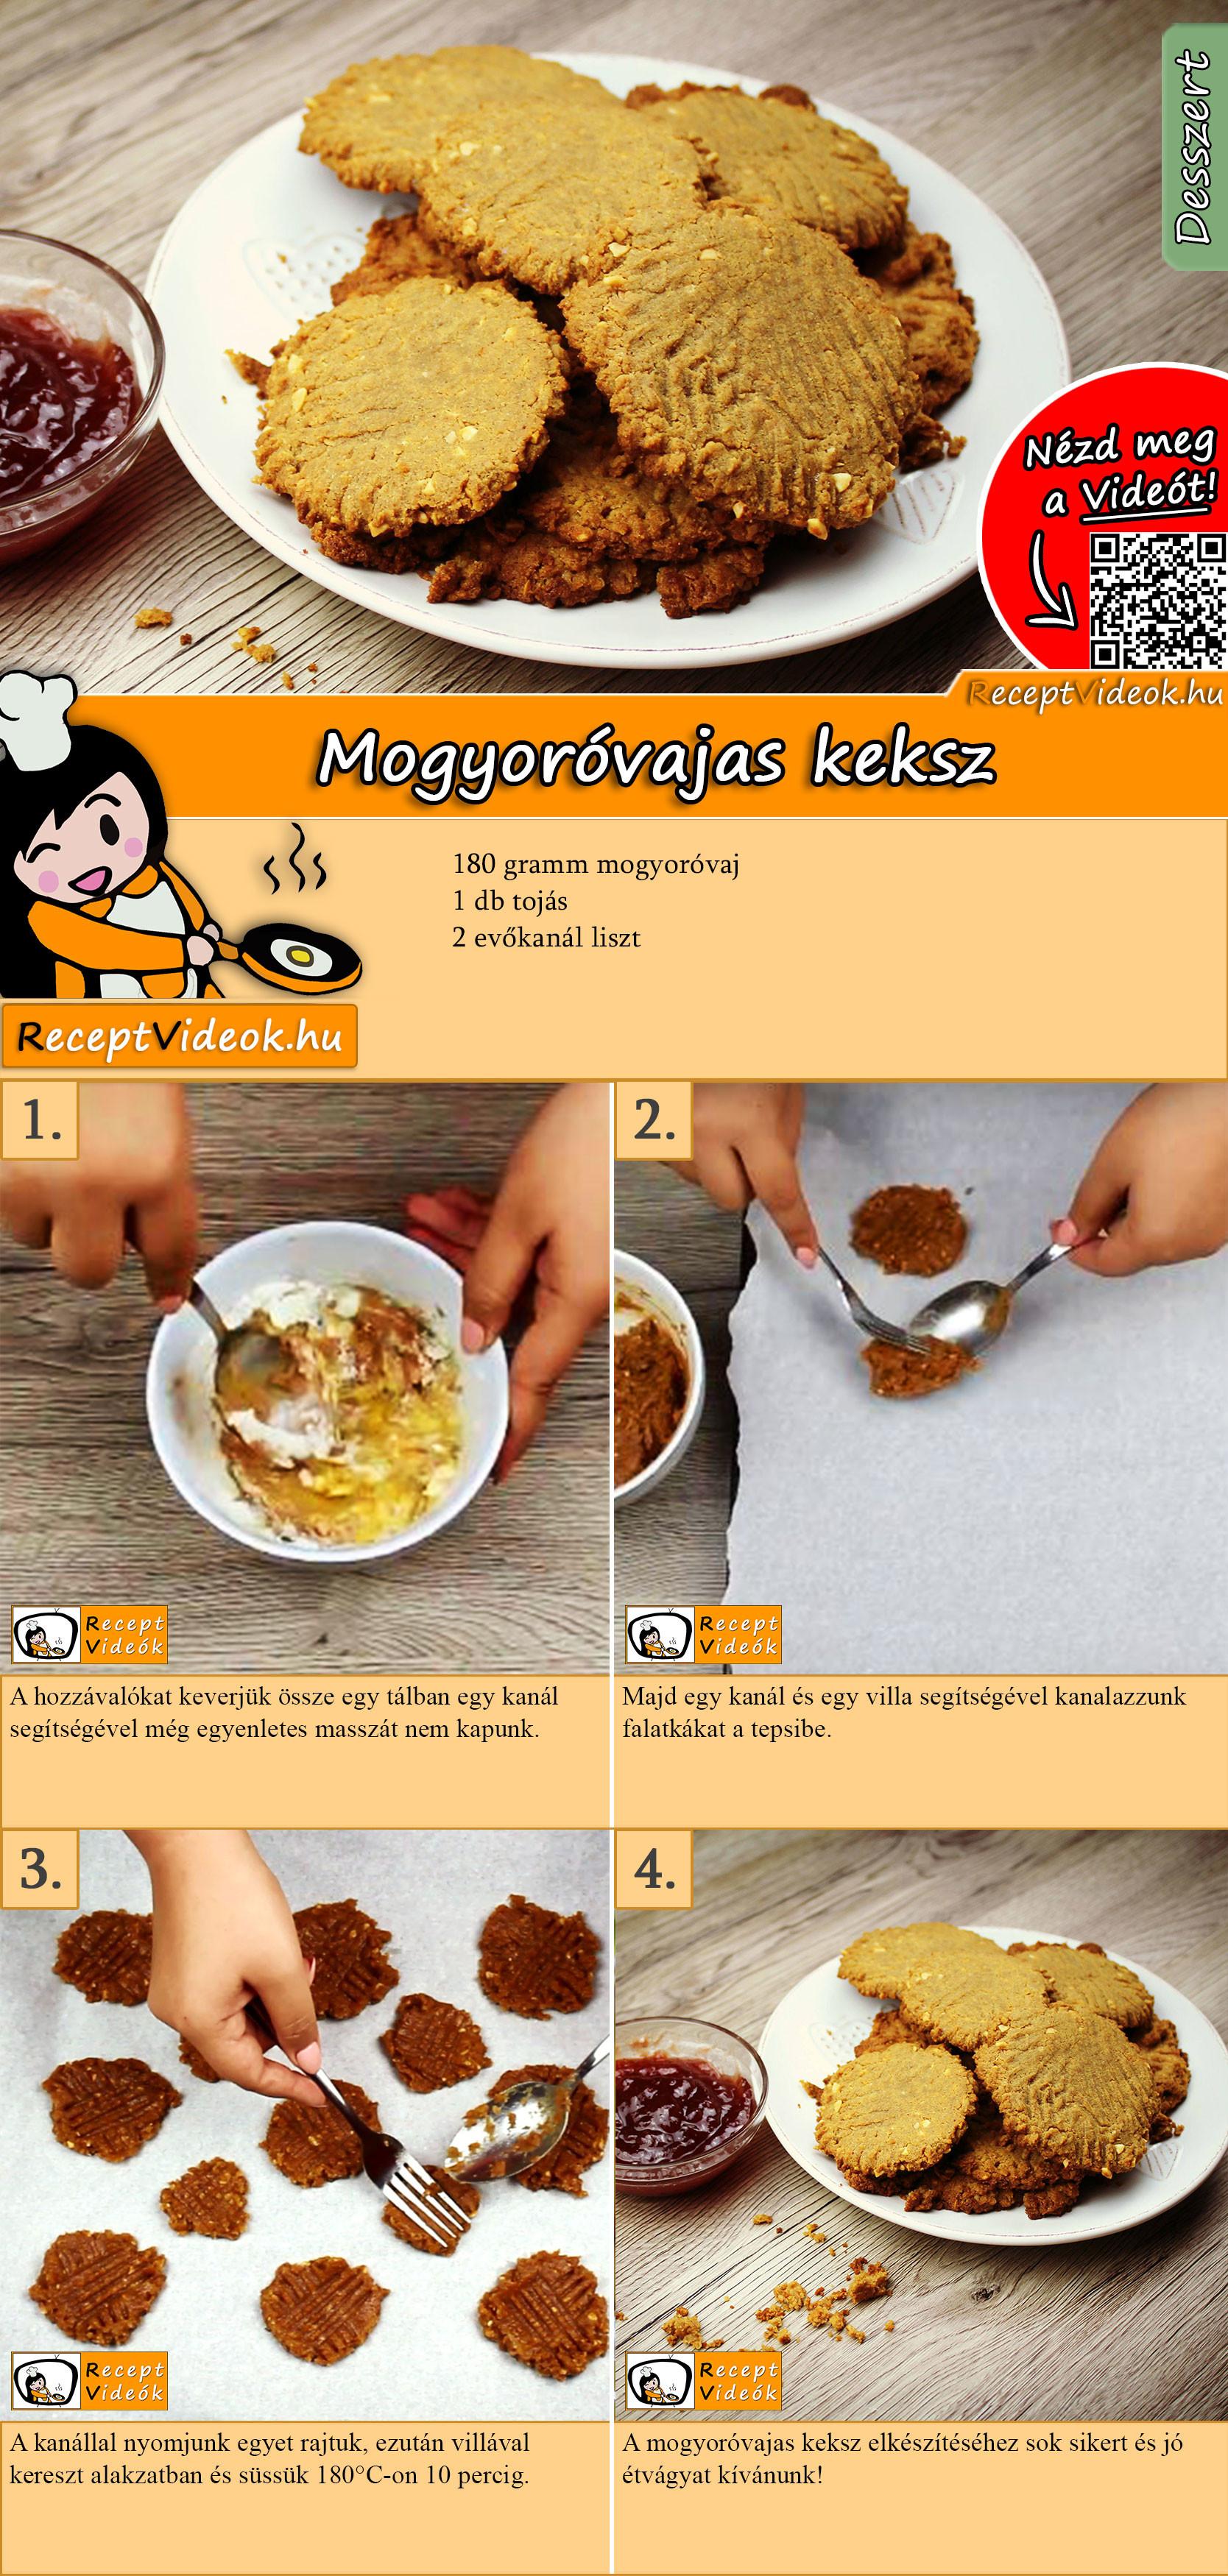 Mogyoróvajas keksz recept elkészítése videóval